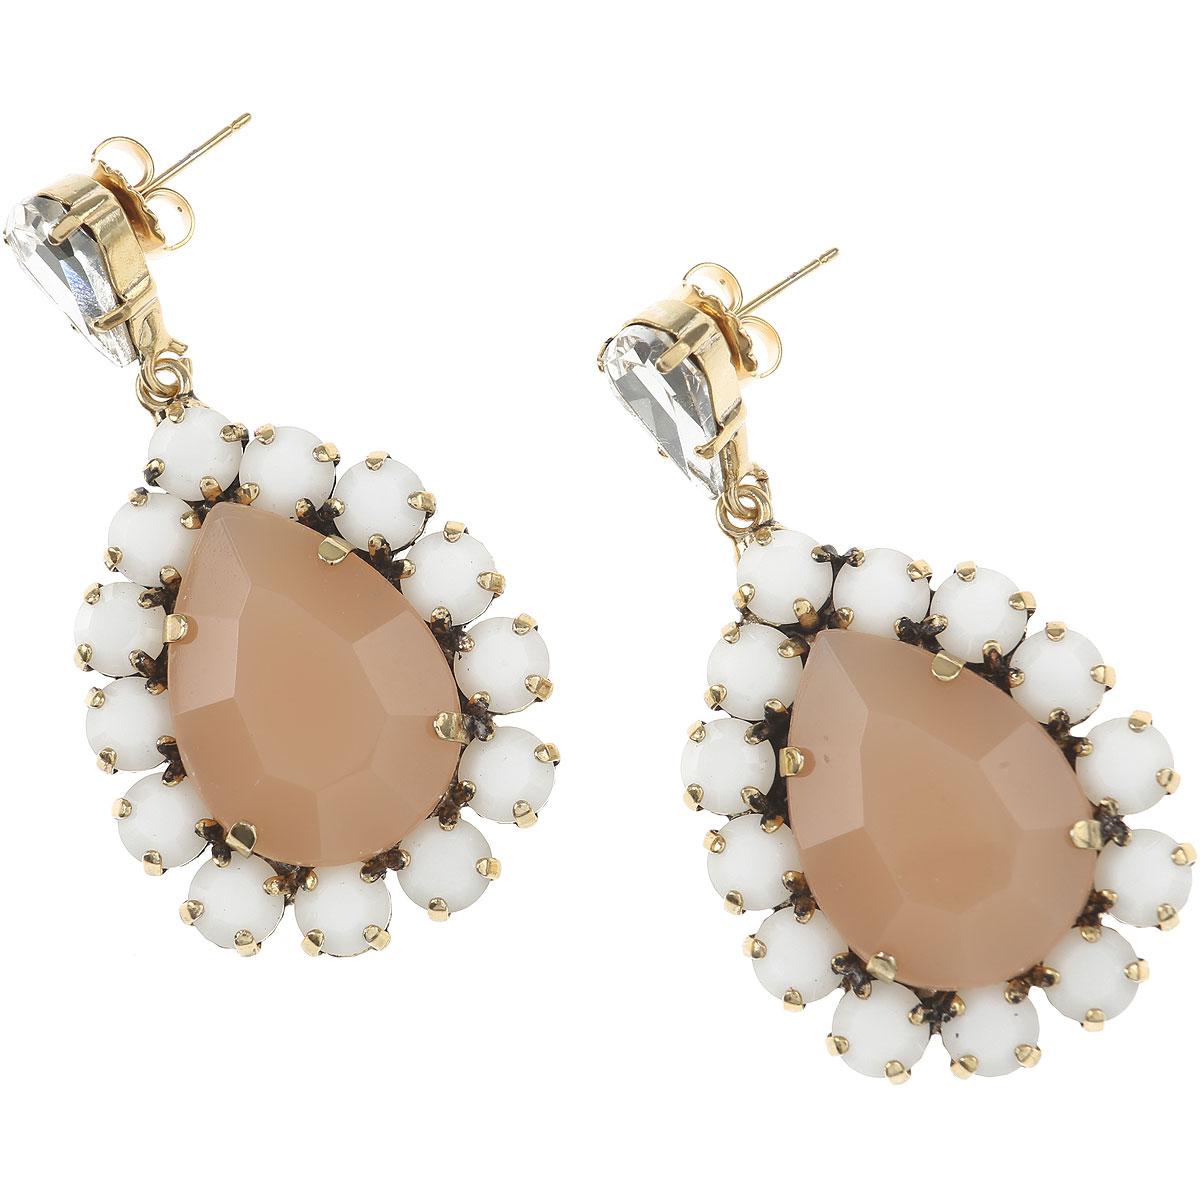 Dueci Bijoux Earrings for Women On Sale, Pink, Brass, 2019